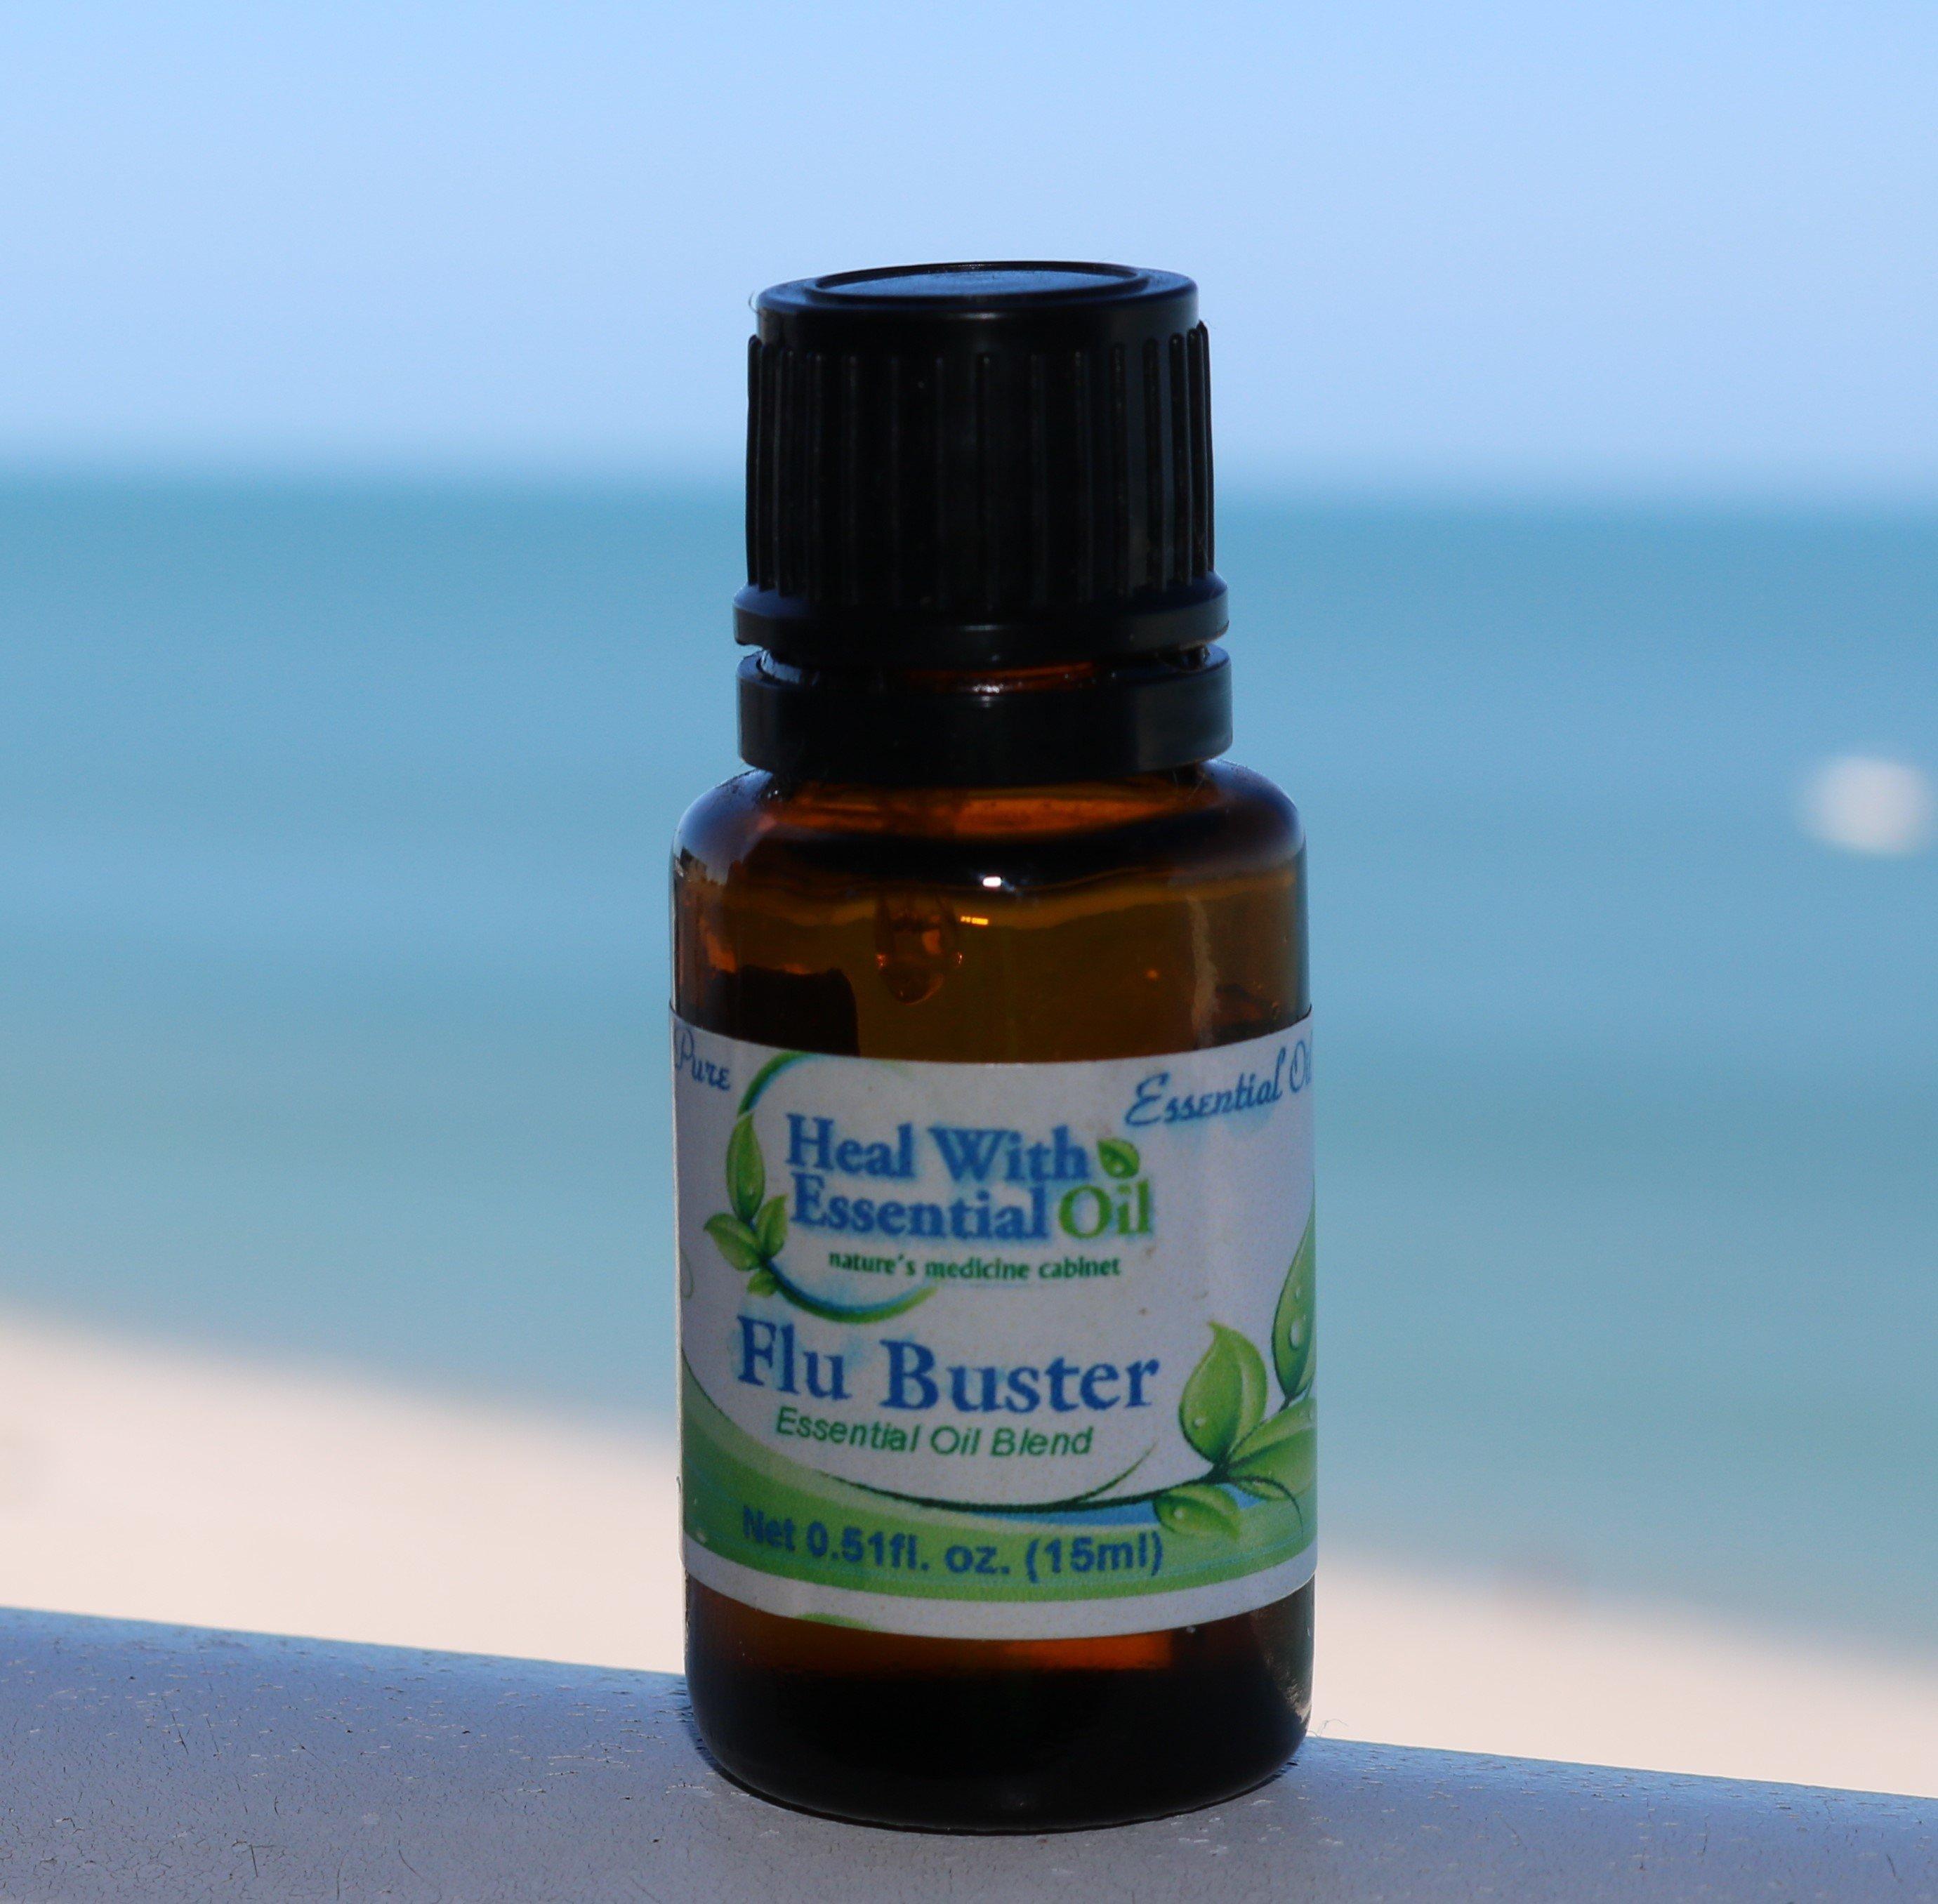 Flu Buster Essential Oil Blend - 15ml EO-FLU